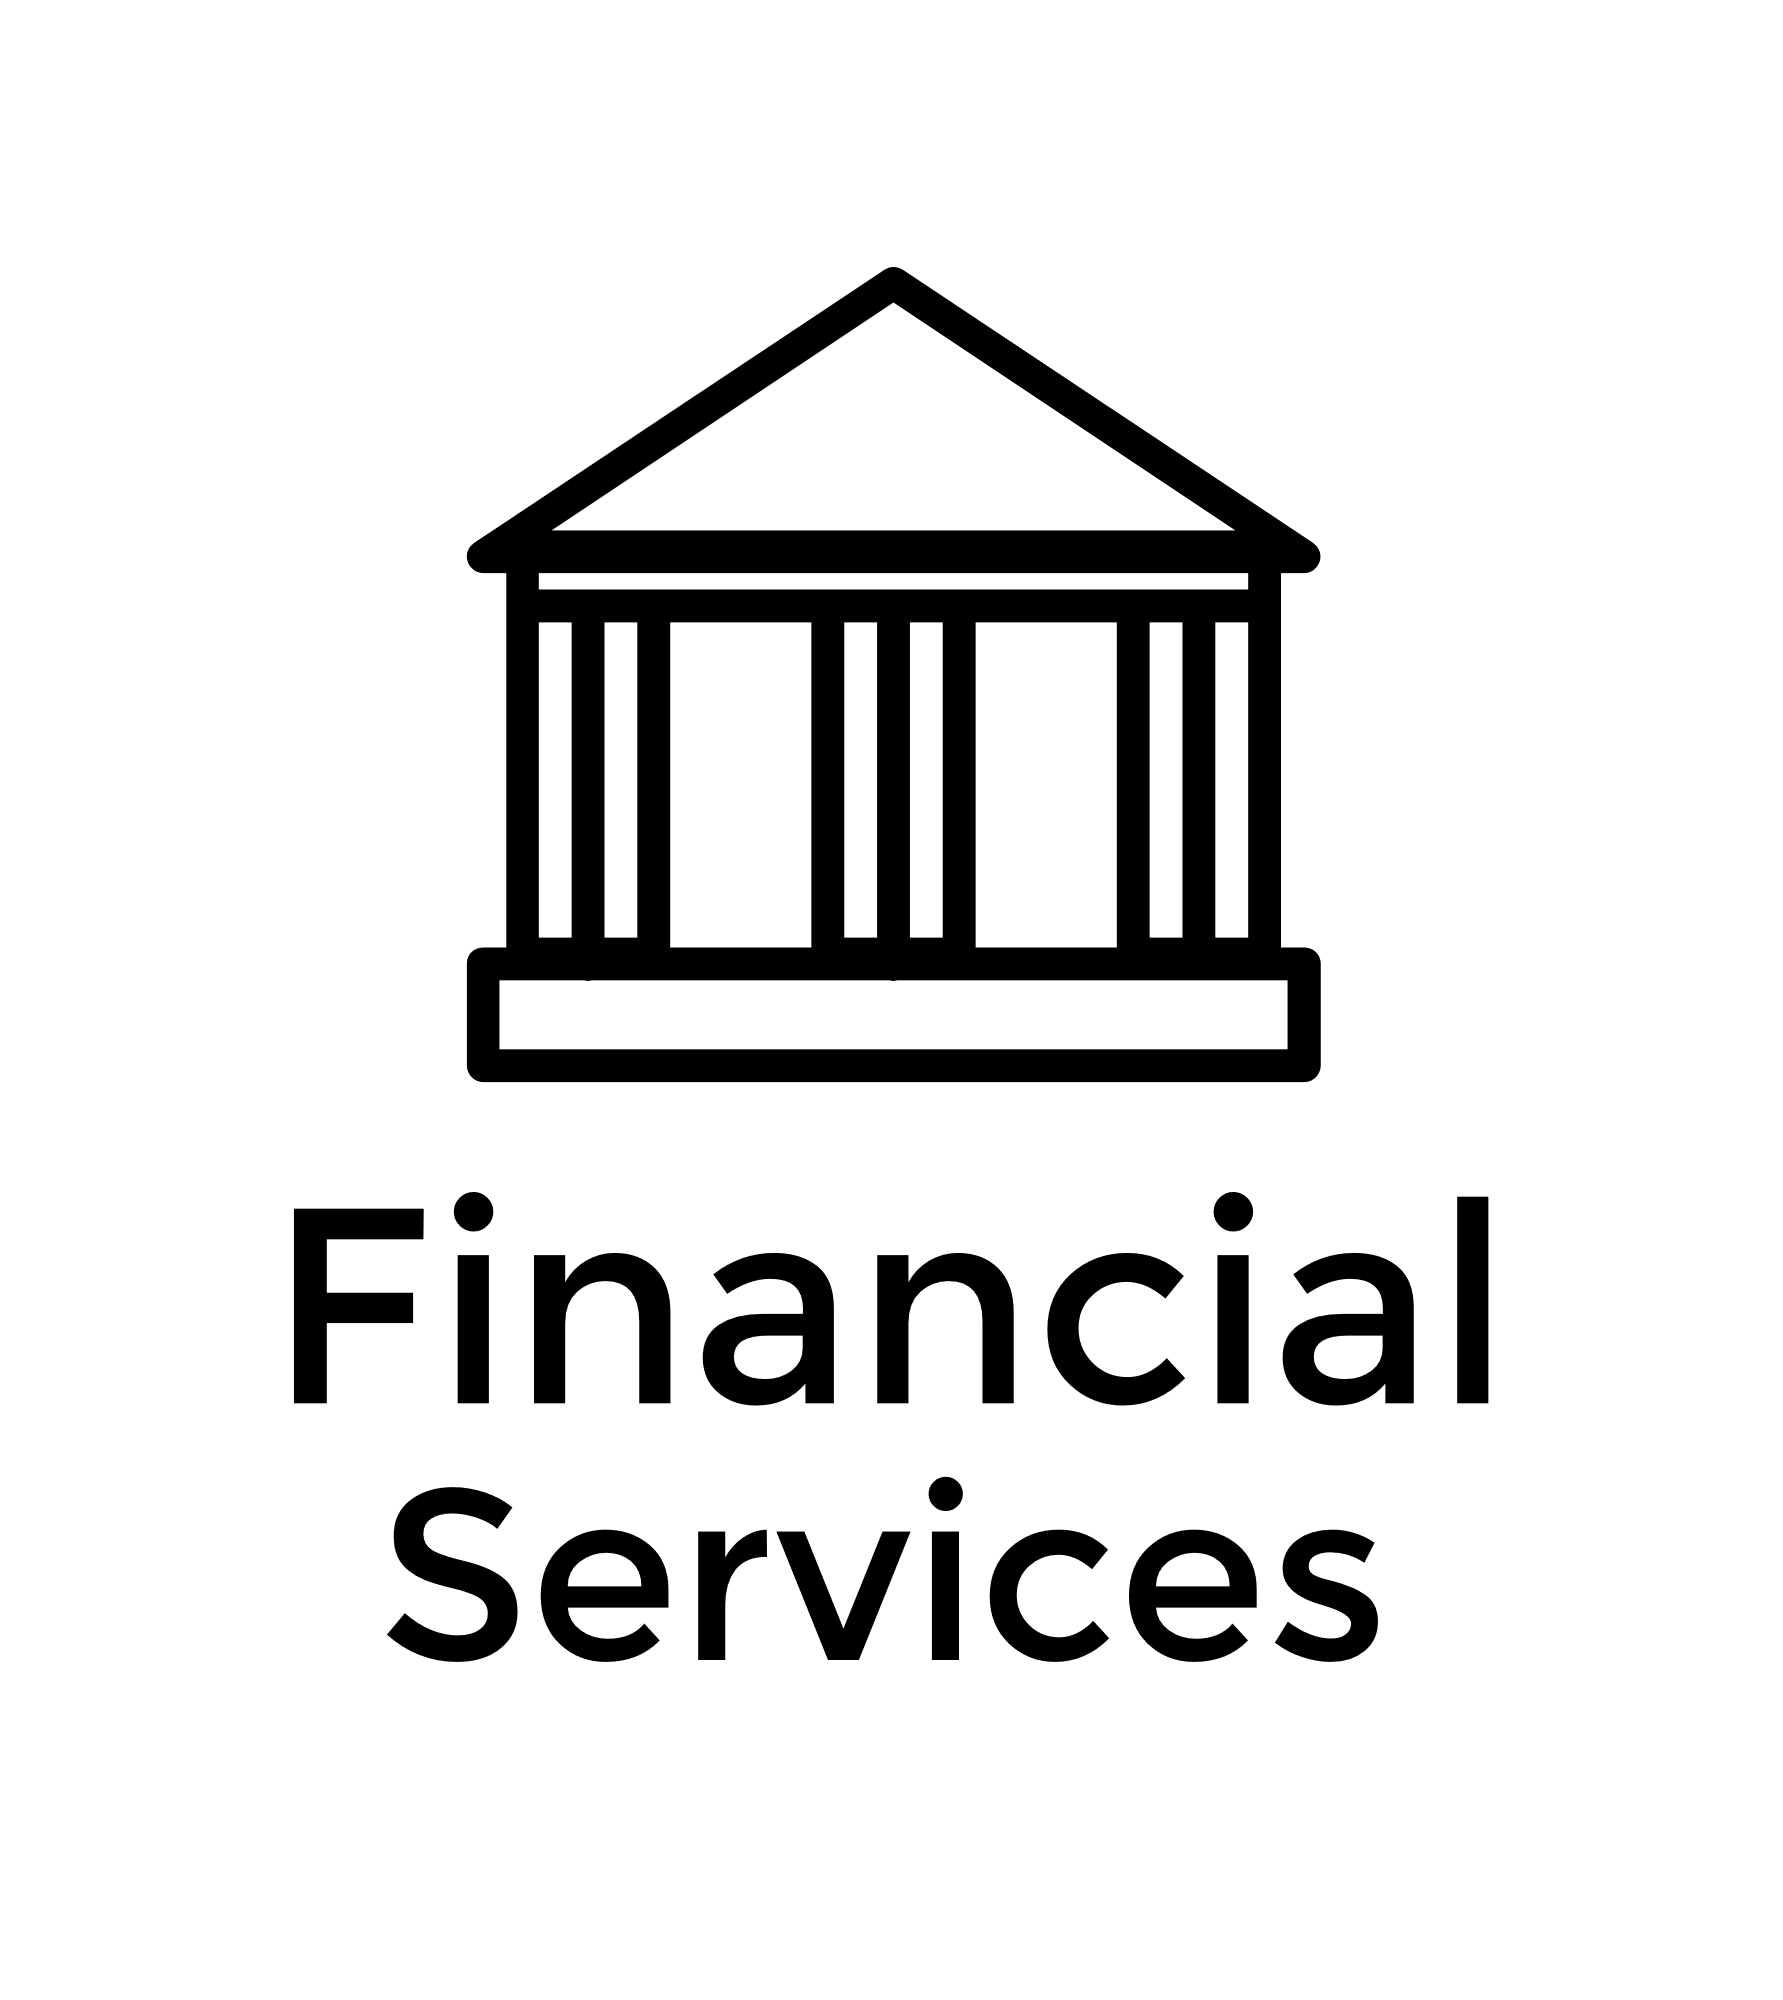 Financial-logo.png